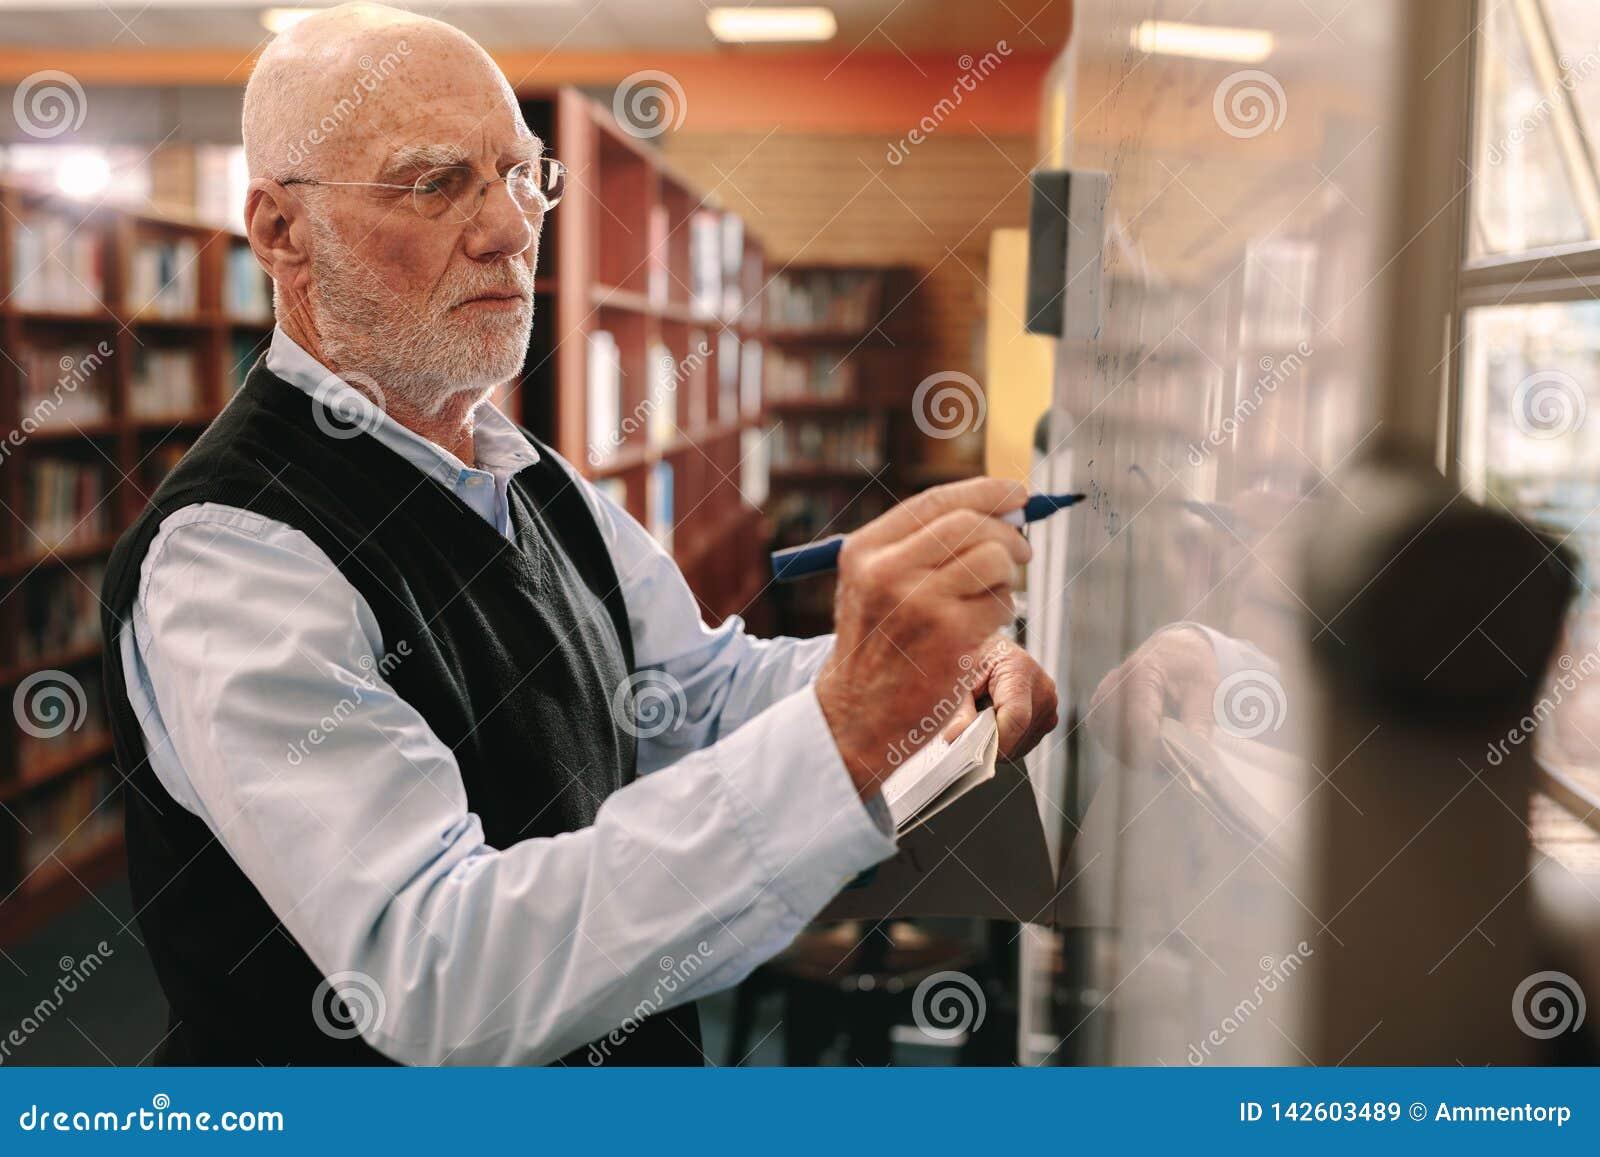 Starszy mężczyzna pisze na sali lekcyjnej desce